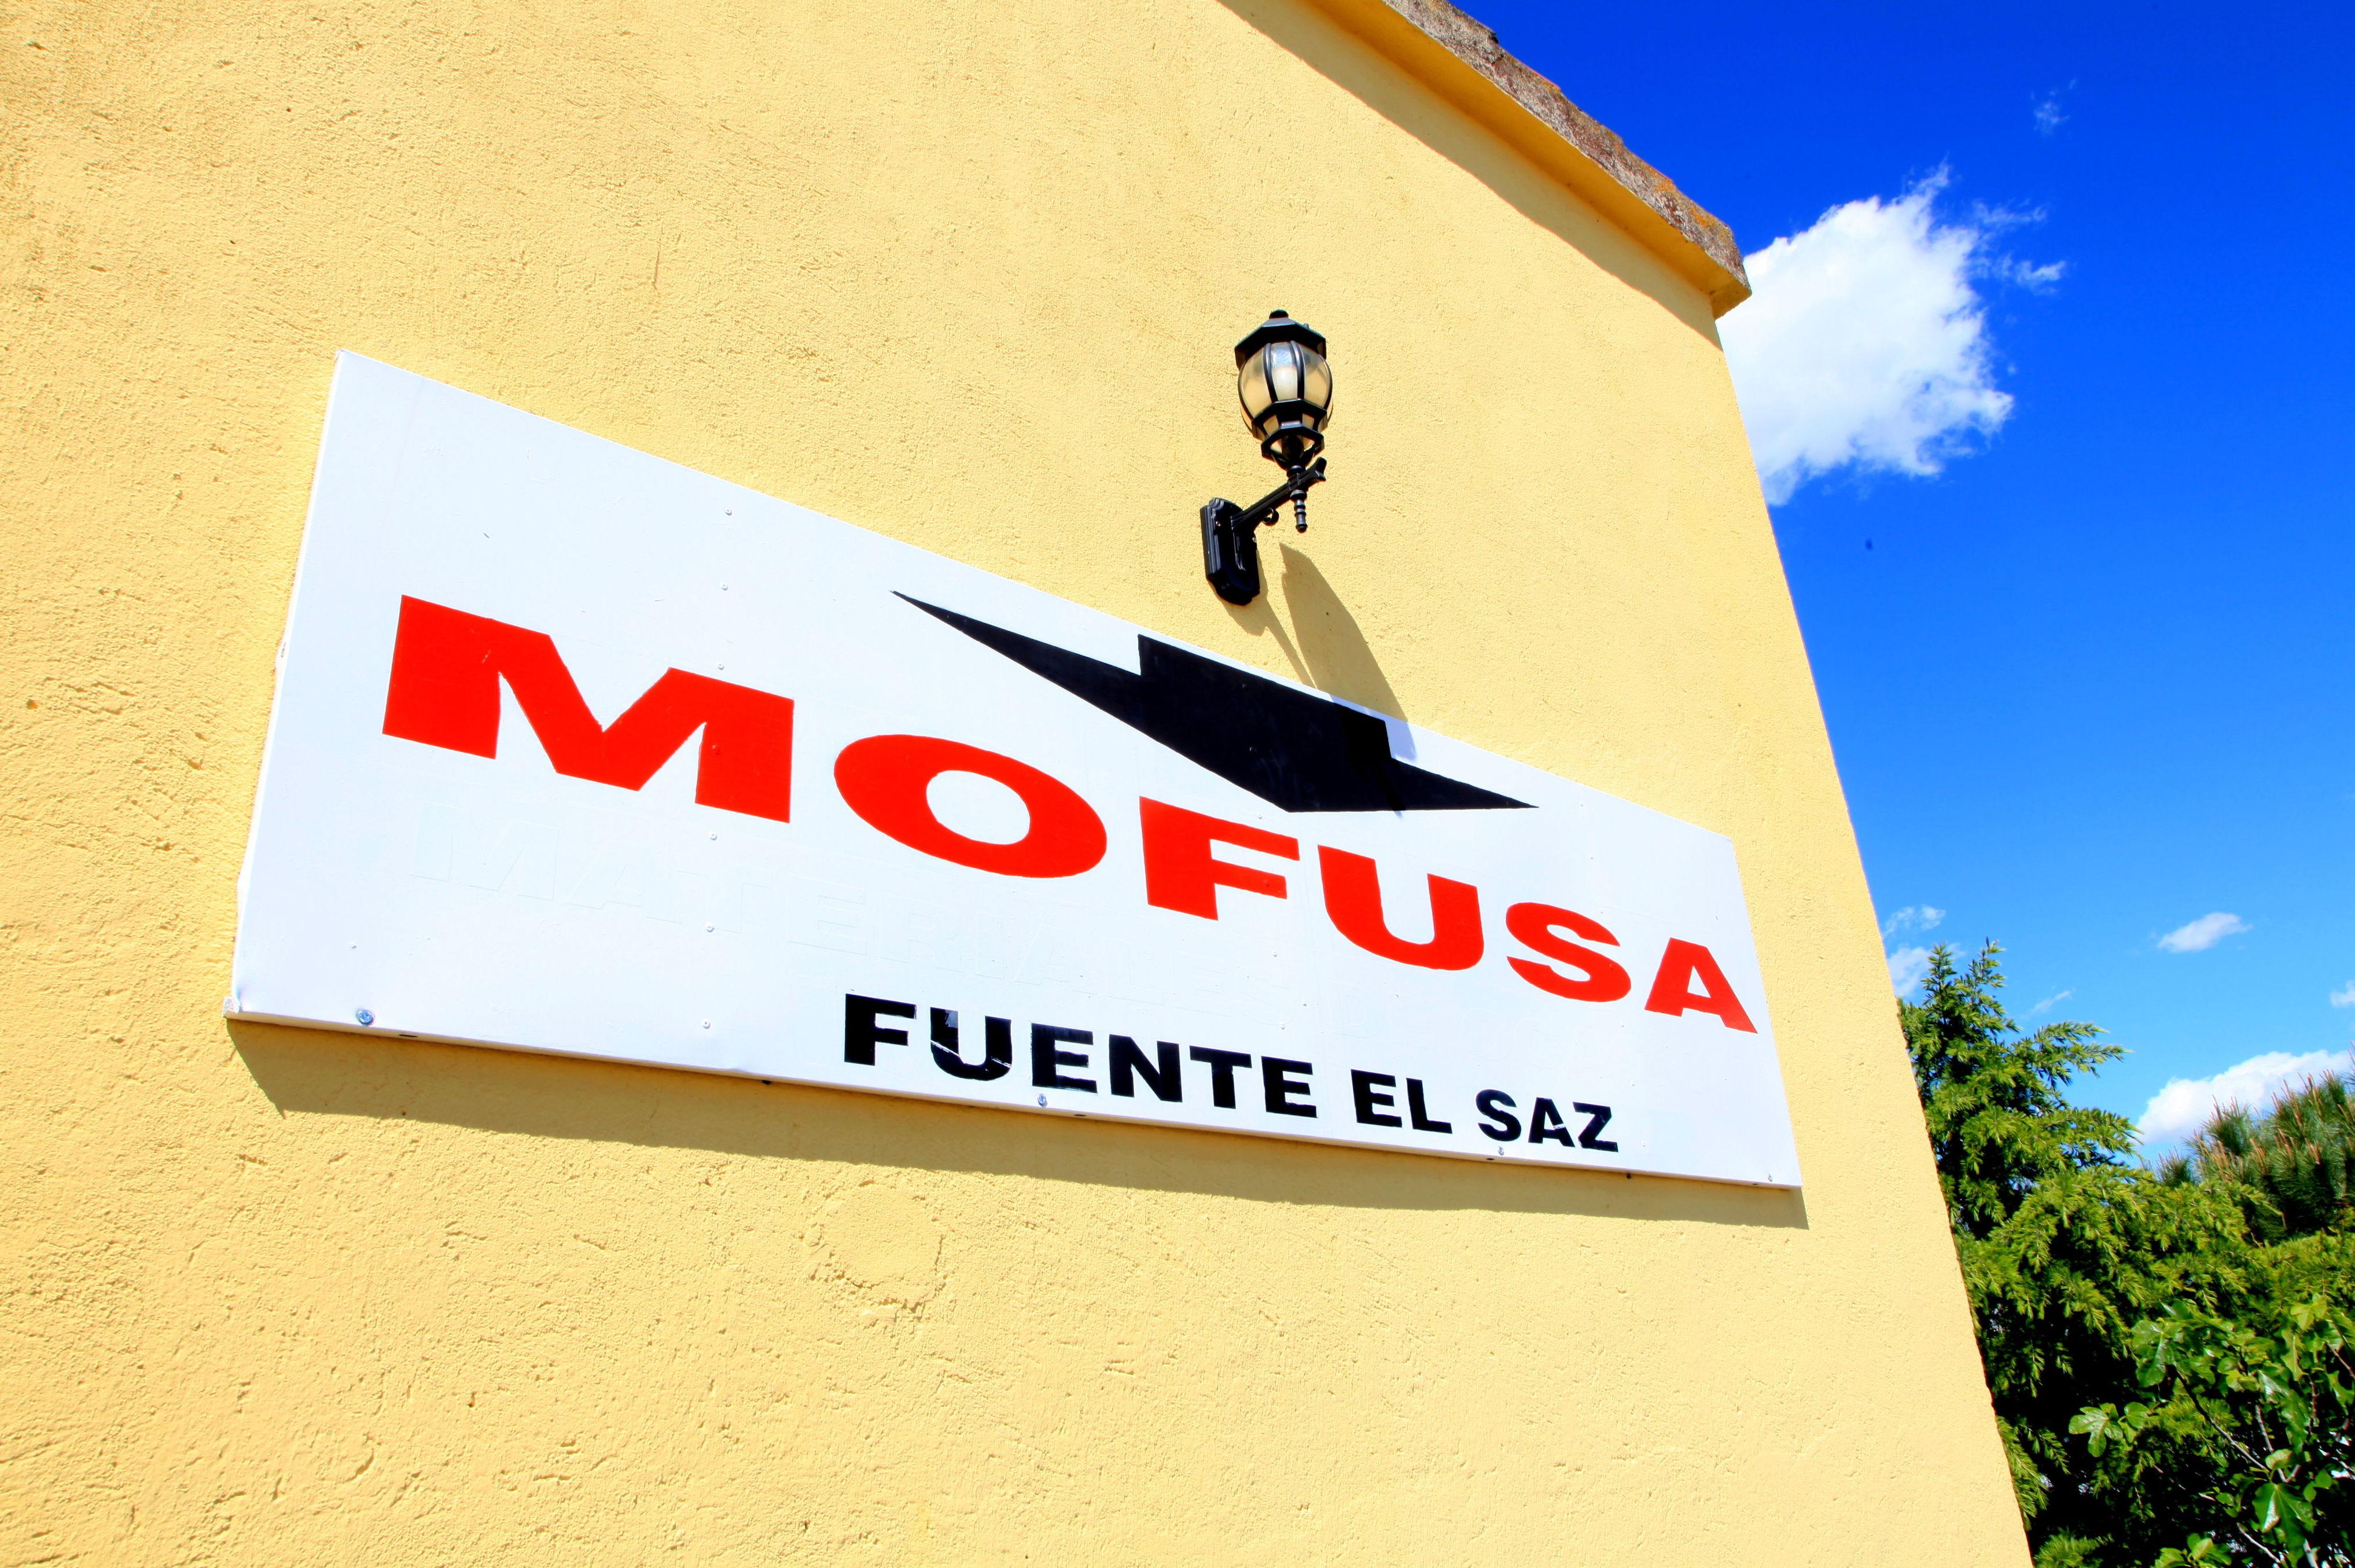 Foto 14 de Material y accesorios de jardinería en Fuente el Saz de Jarama | Mofusa